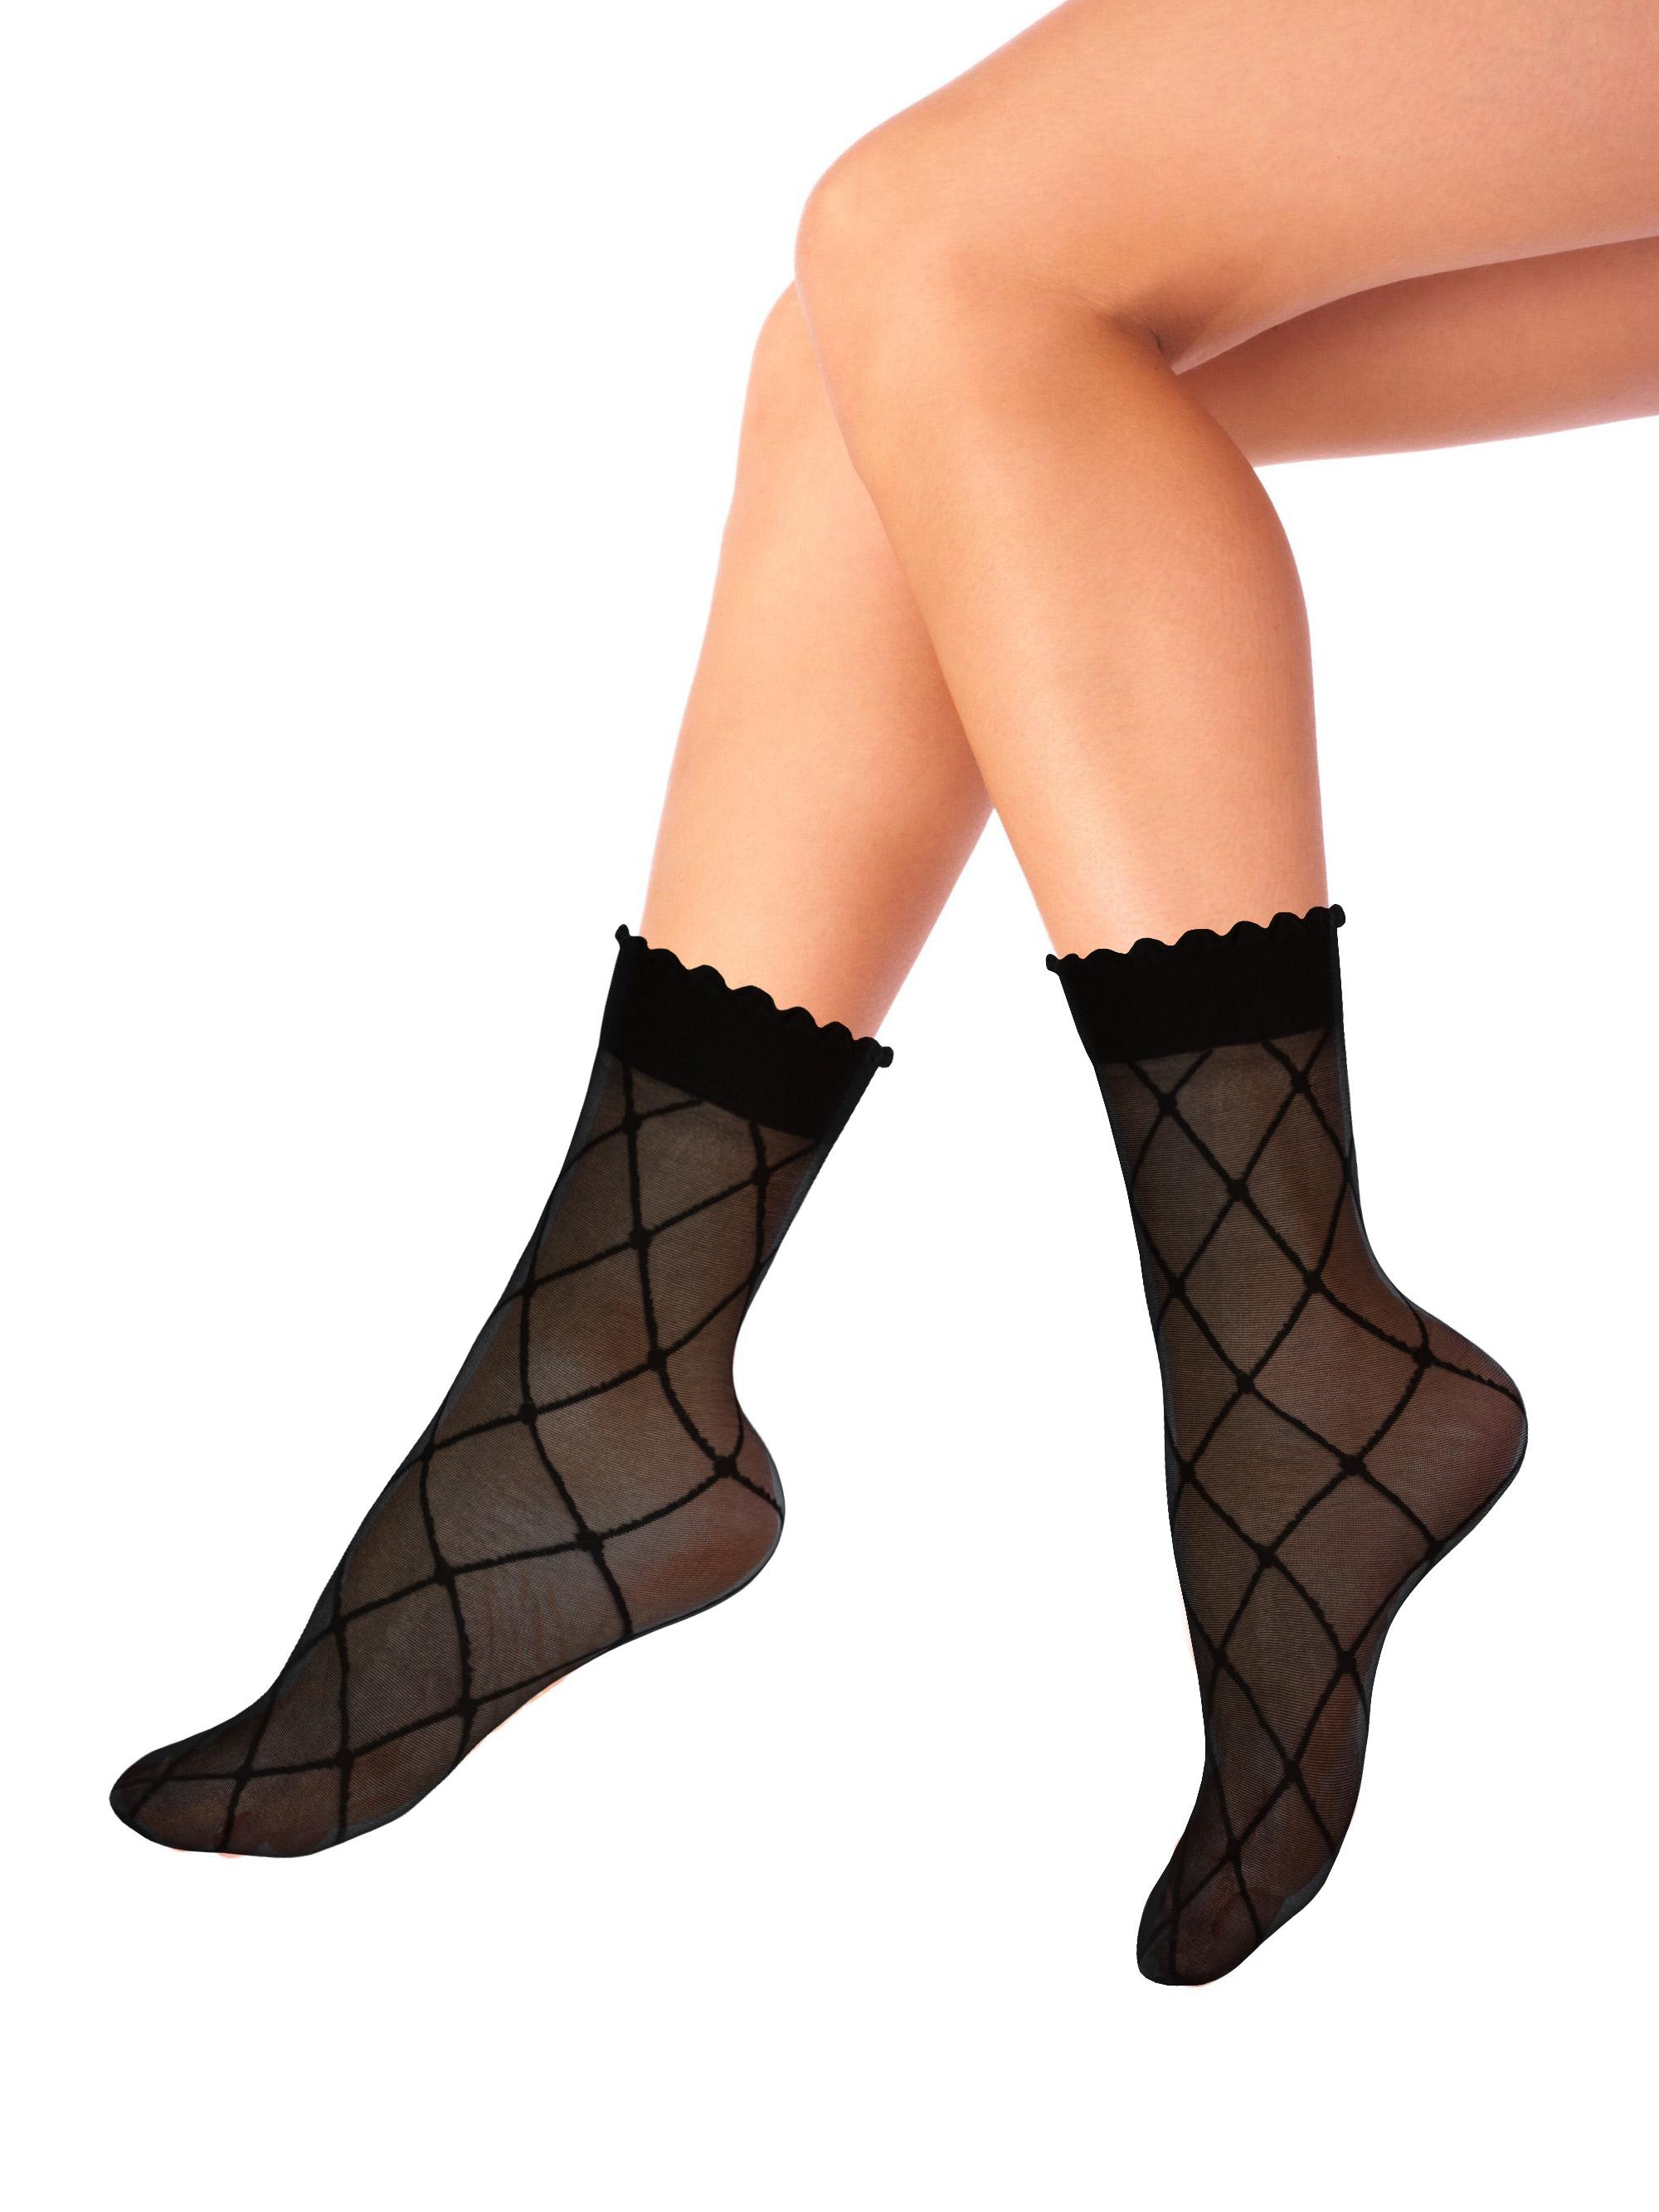 Капроновые носки женские Mademoiselle Cube (c.) черные UNICA